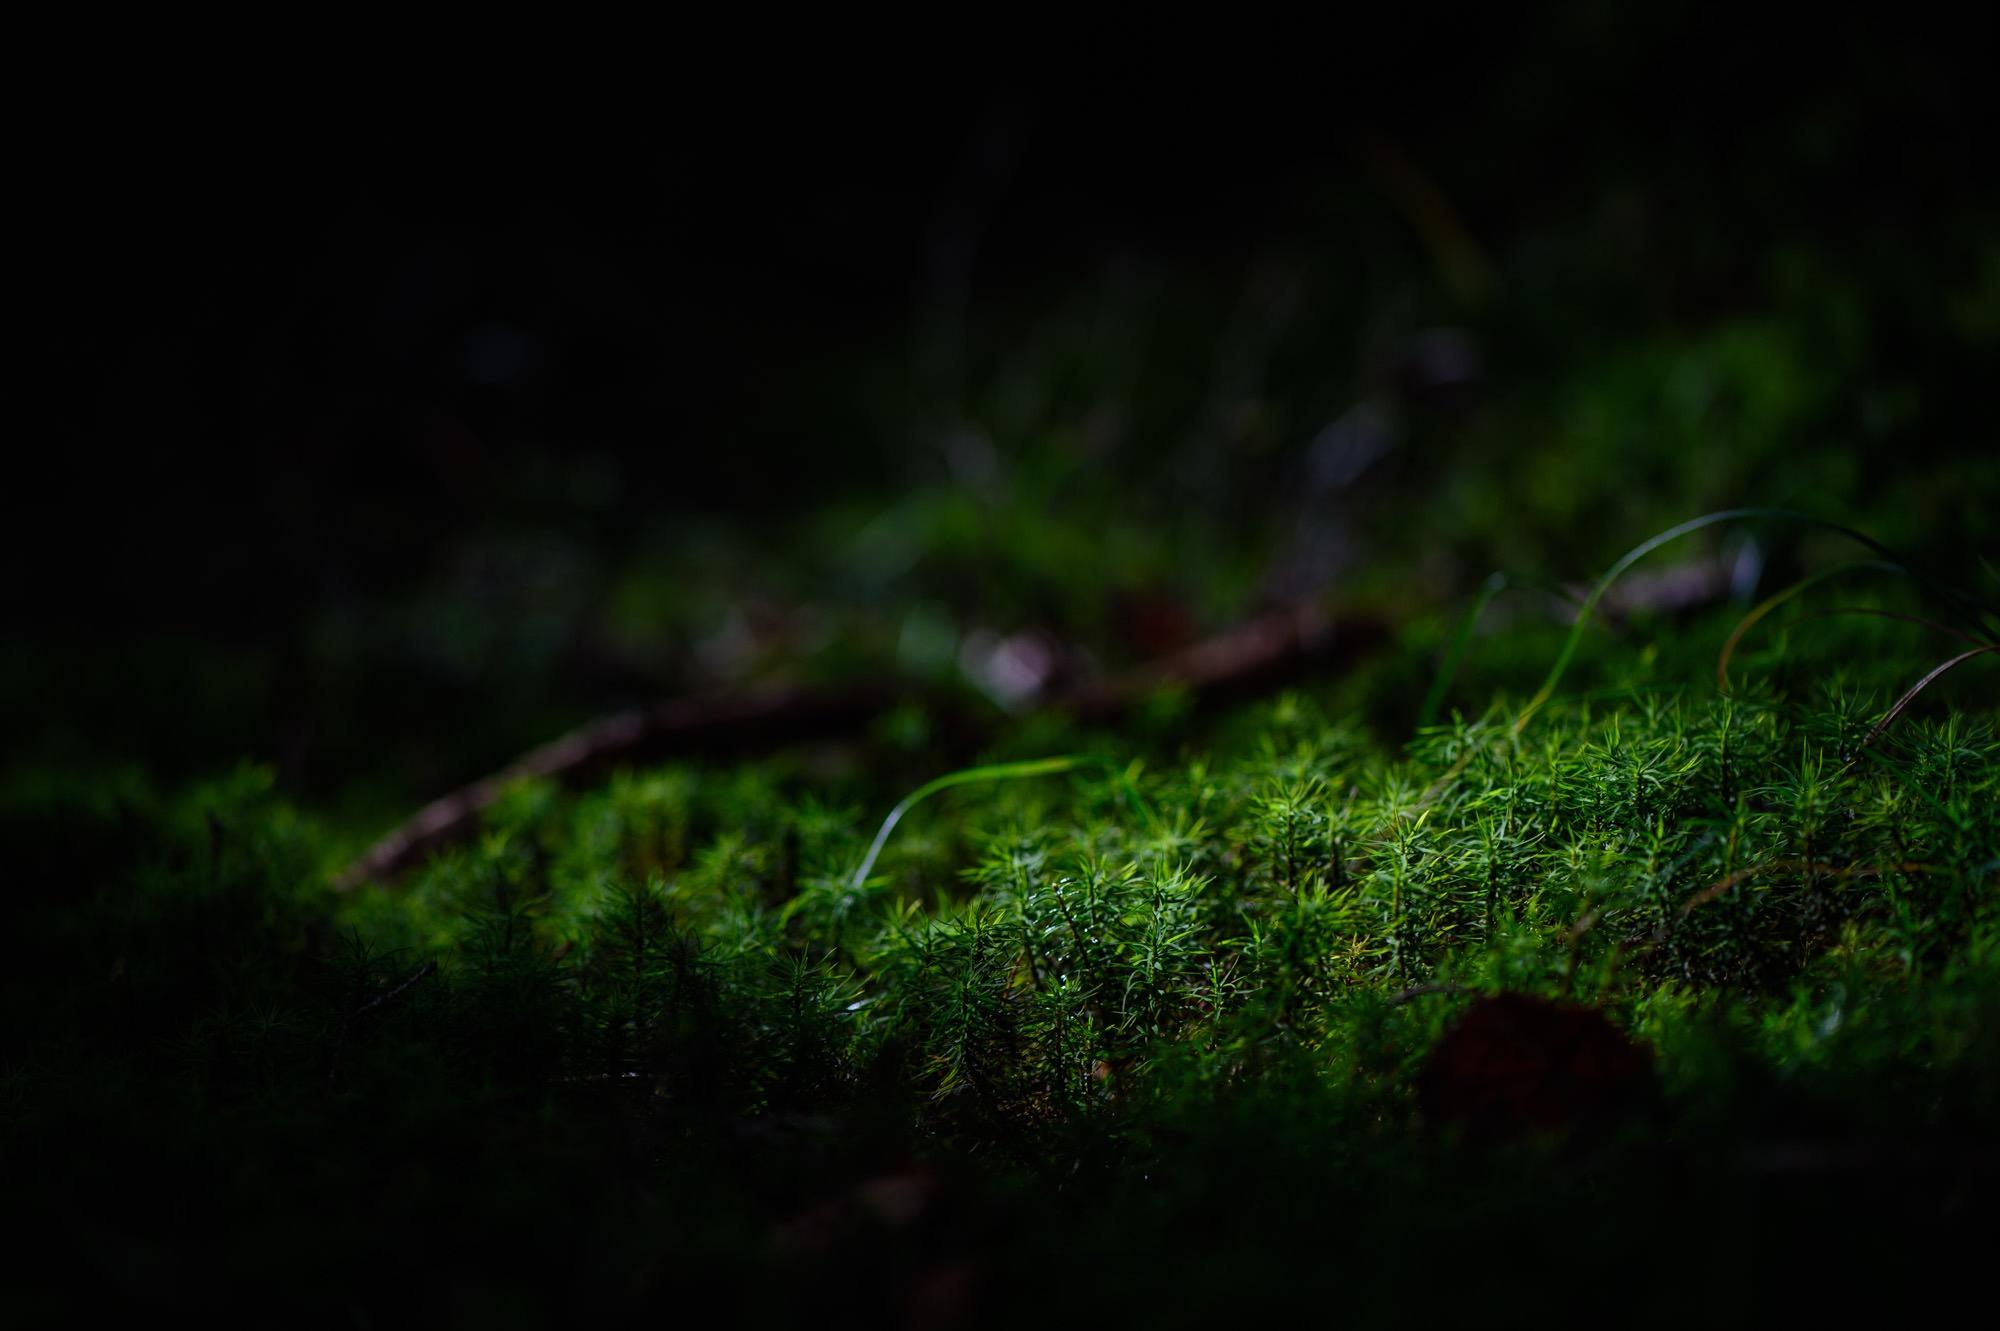 鬱蒼とした森の中の苔